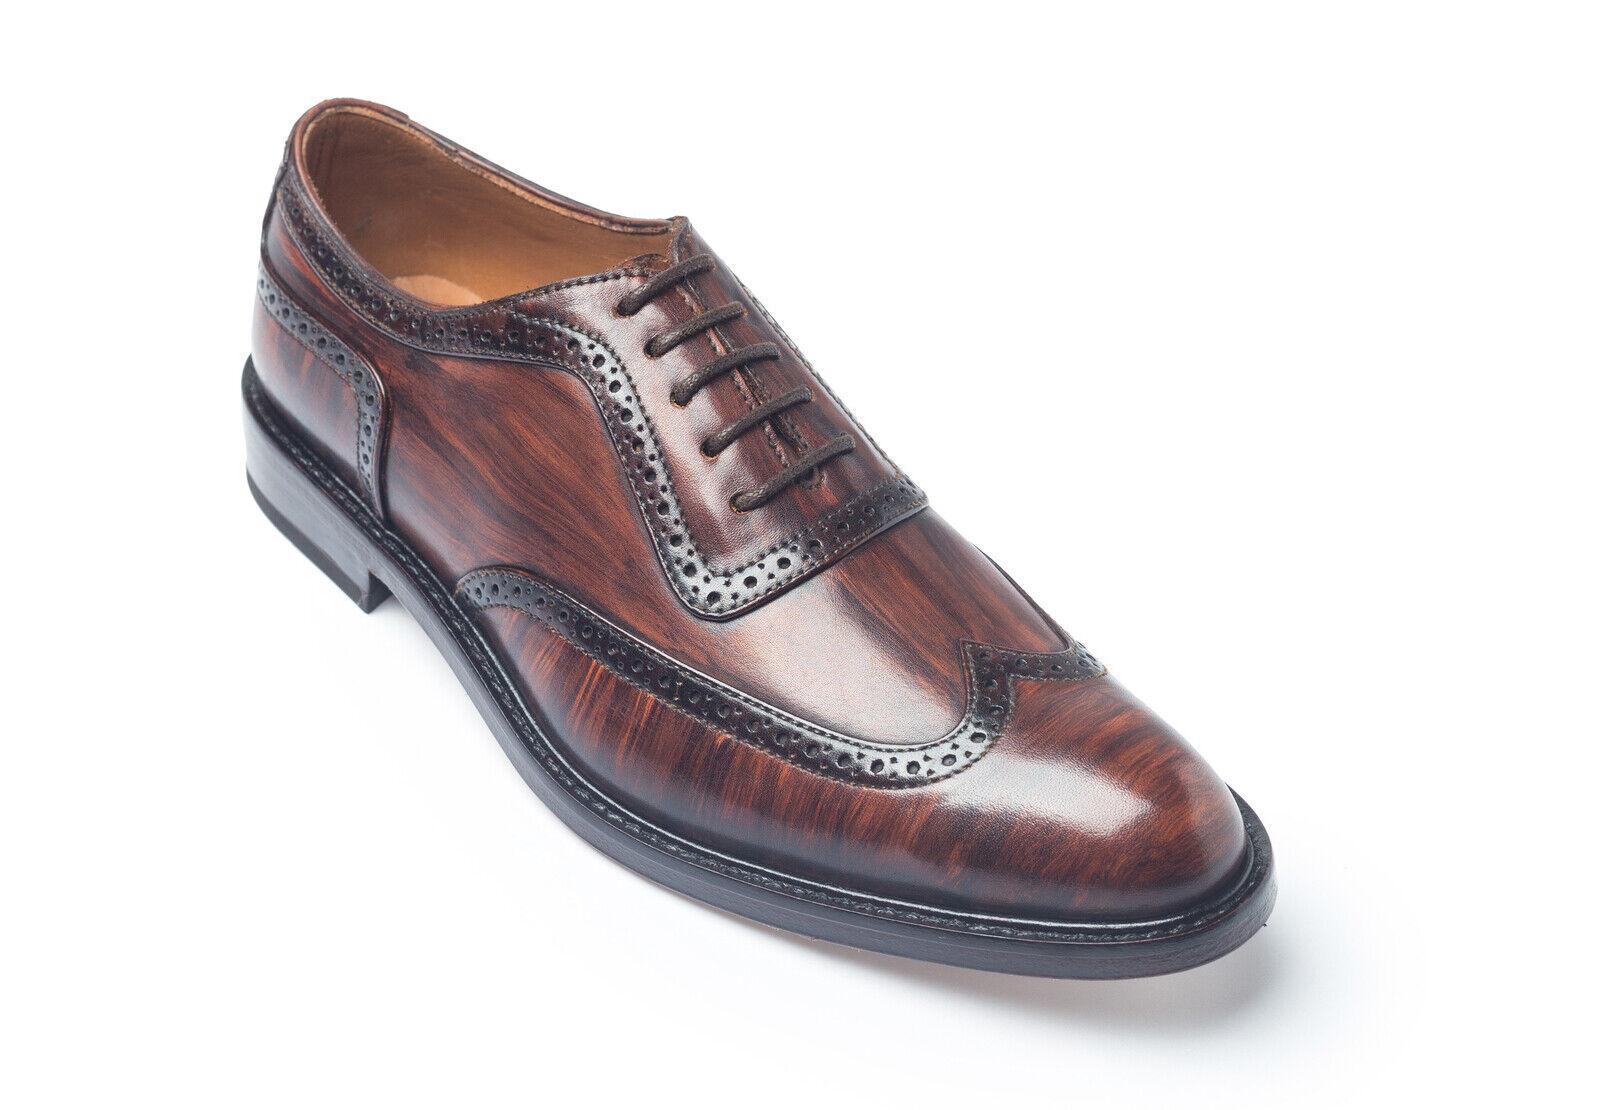 Mens Handmade  scarpe Wing Tip Oxford Derby Leather Two Tone Formal Casual stivali  senza esitazione! acquista ora!